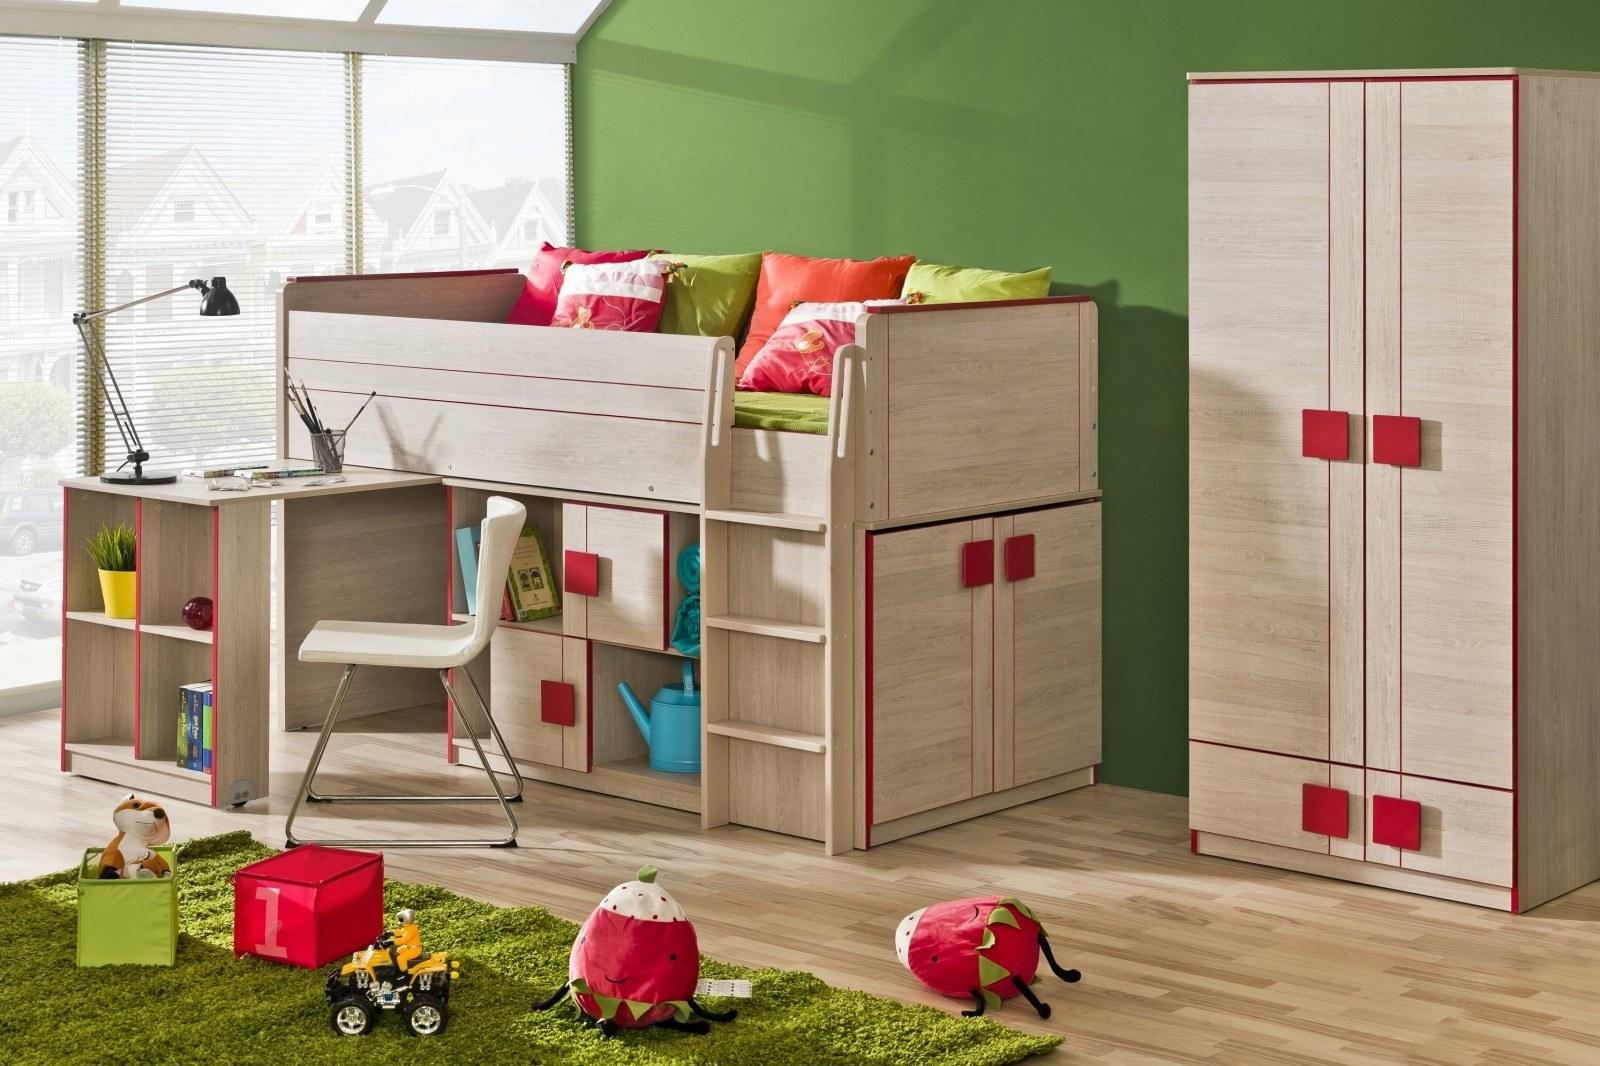 Full Size of Majugendzimmer Komplett Set Mit Hochbett Schreibtisch Regal Kinderzimmer Weiß Sofa Regale Kinderzimmer Hochbett Kinderzimmer